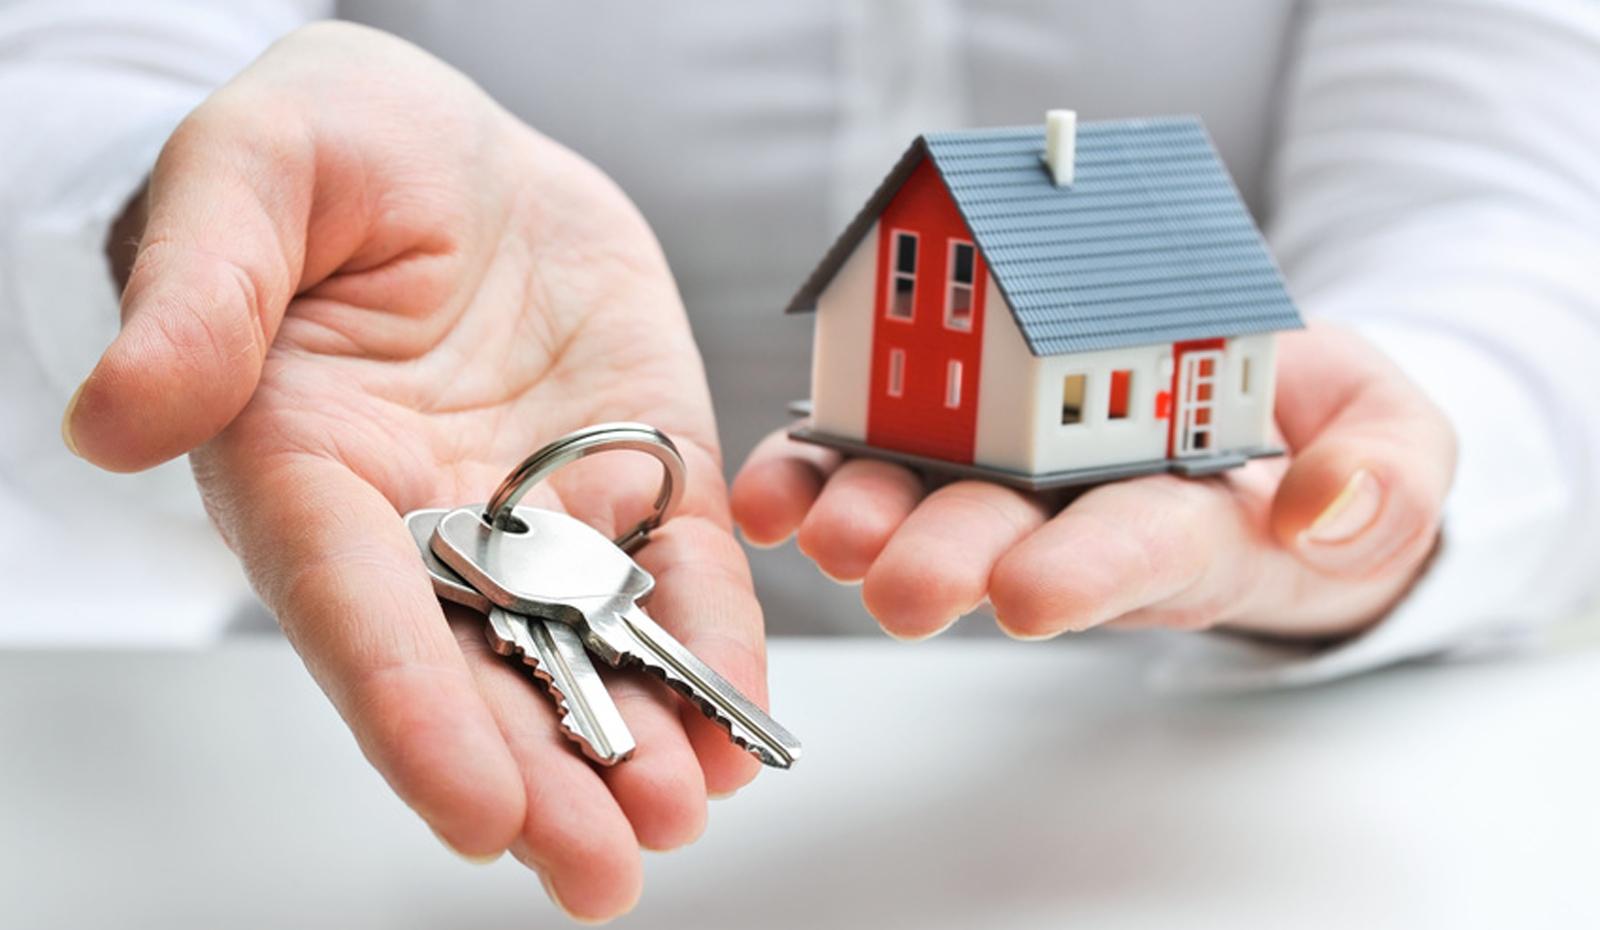 Lavoro chiavi in mano casanoproblem ristrutturazioni - Casa chiavi in mano ...